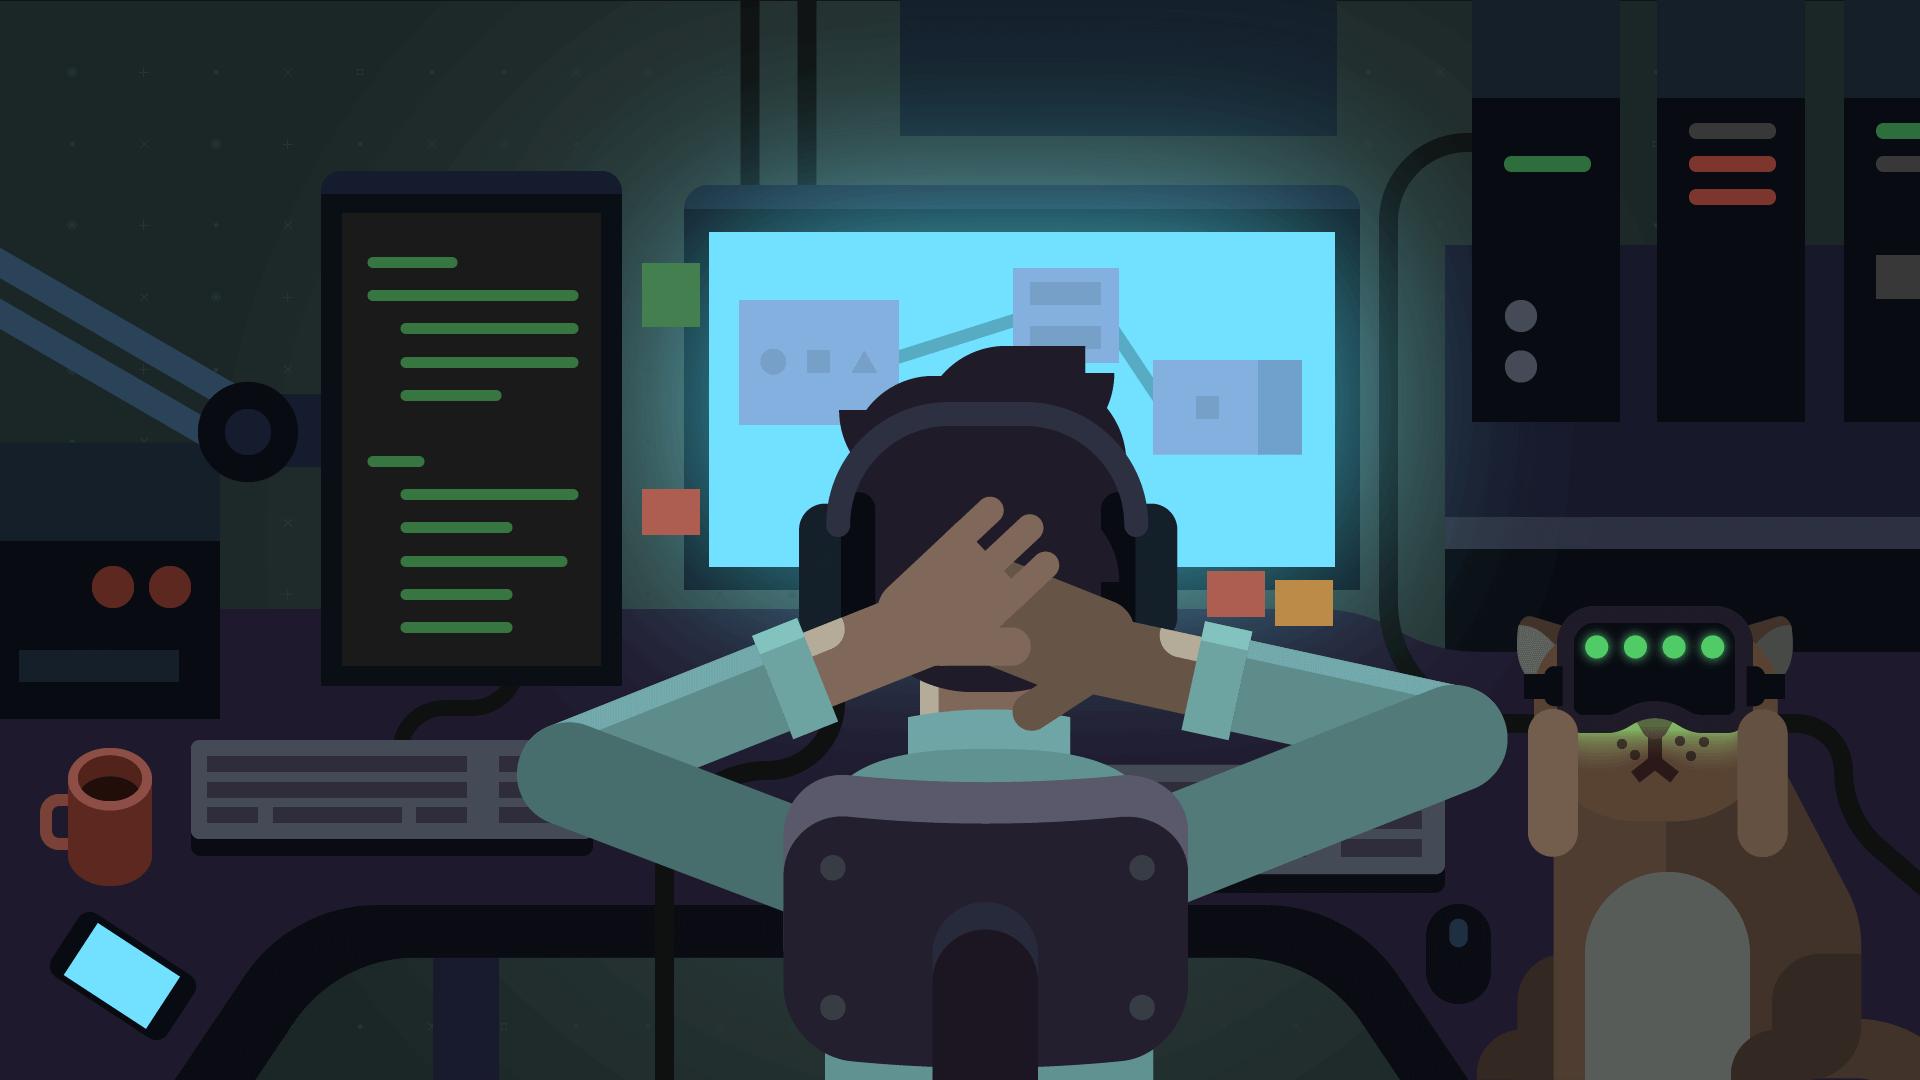 Создатель игры while True: learn() о программировании в геймдеве, проблемах с VR и симуляции ML - 1